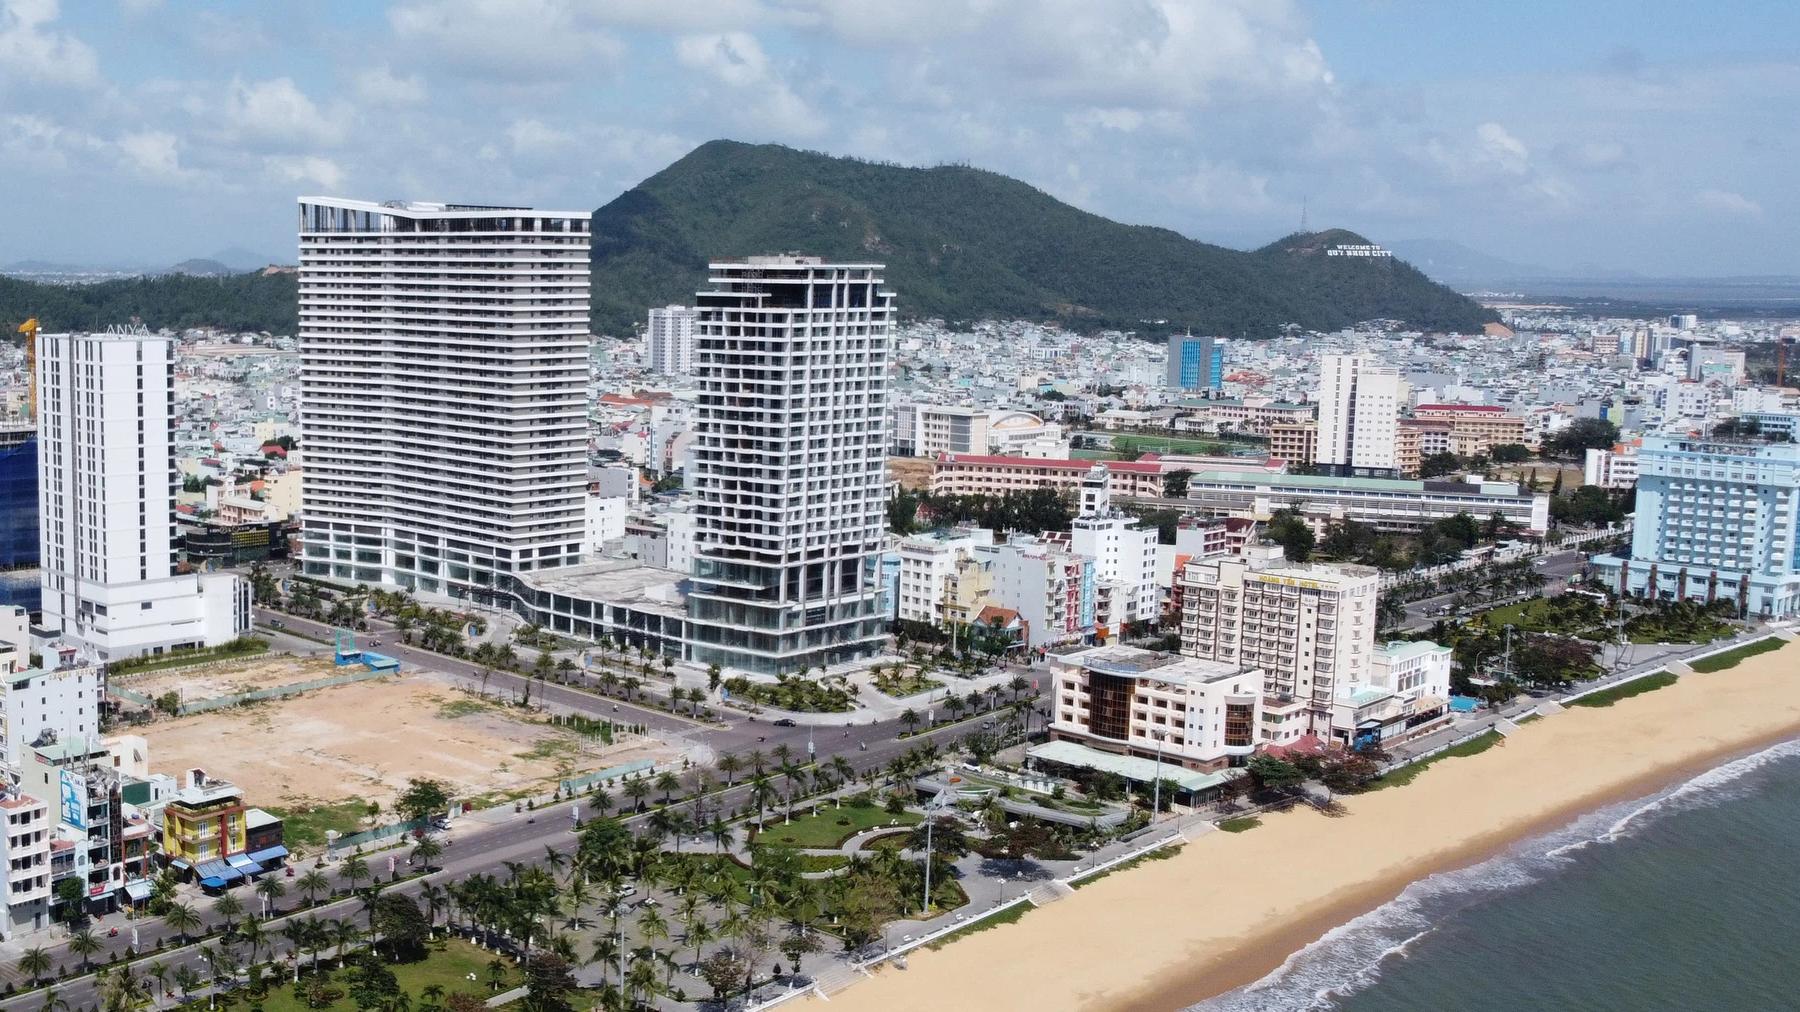 Bình Định điều chỉnh chủ trương đầu tư dự án FLC Sea Tower Quy Nhơn - Ảnh 1.